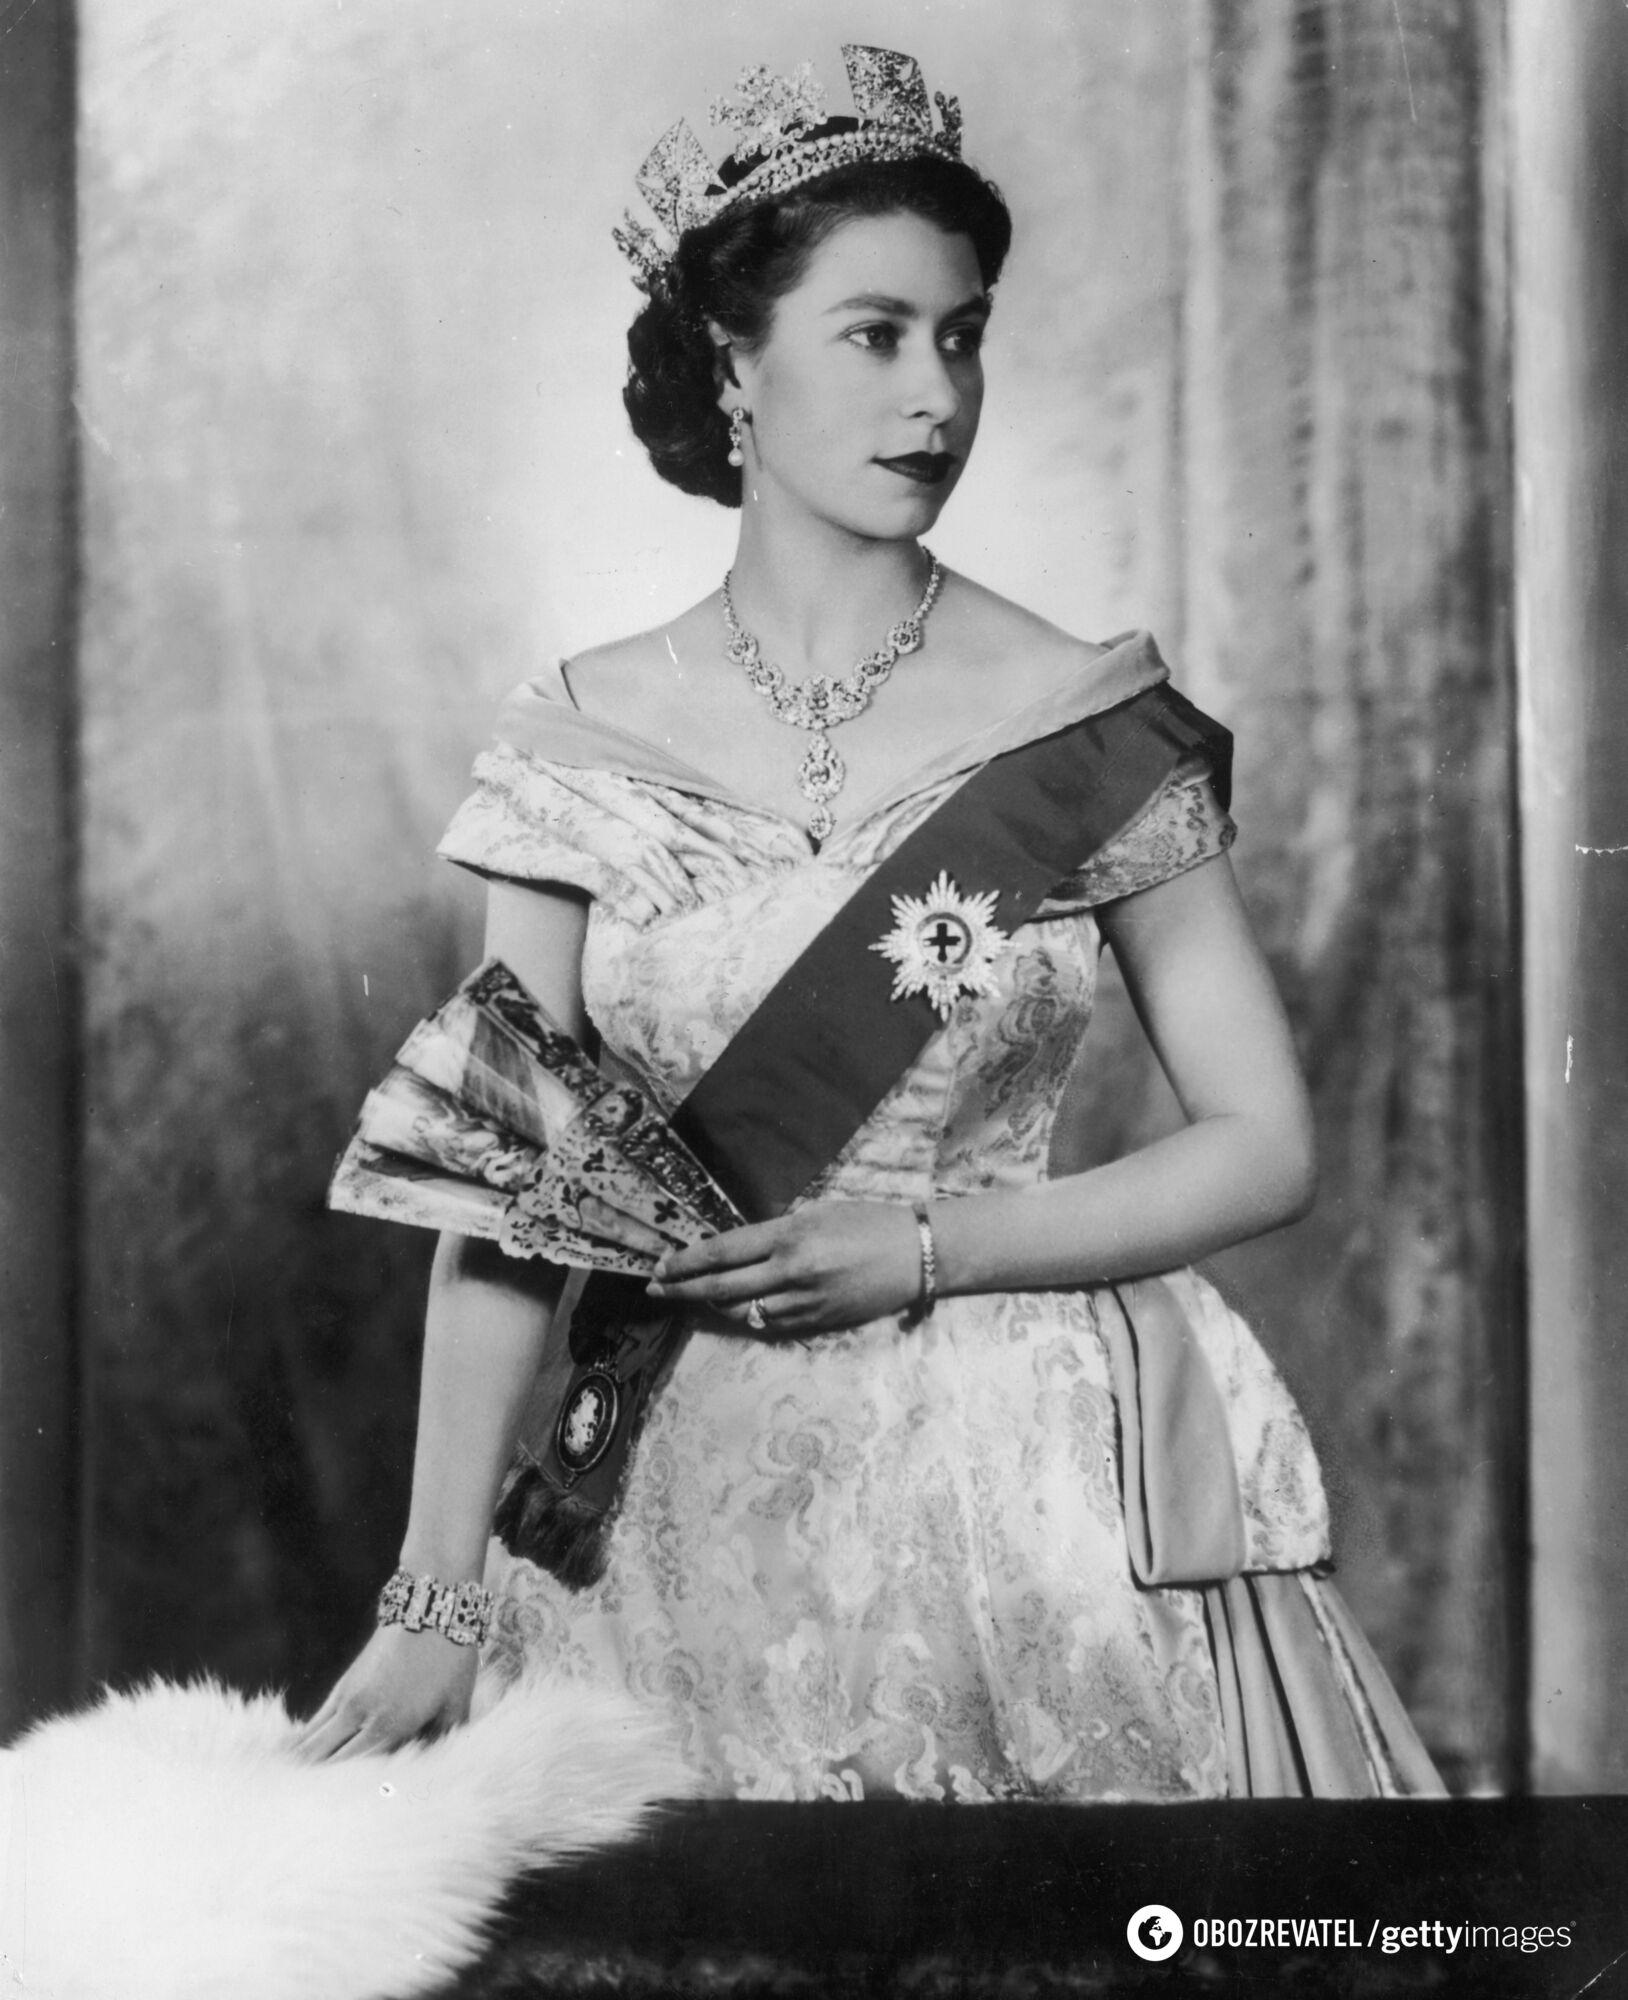 Єлизавета була дуже ніжною та скромною принцесою